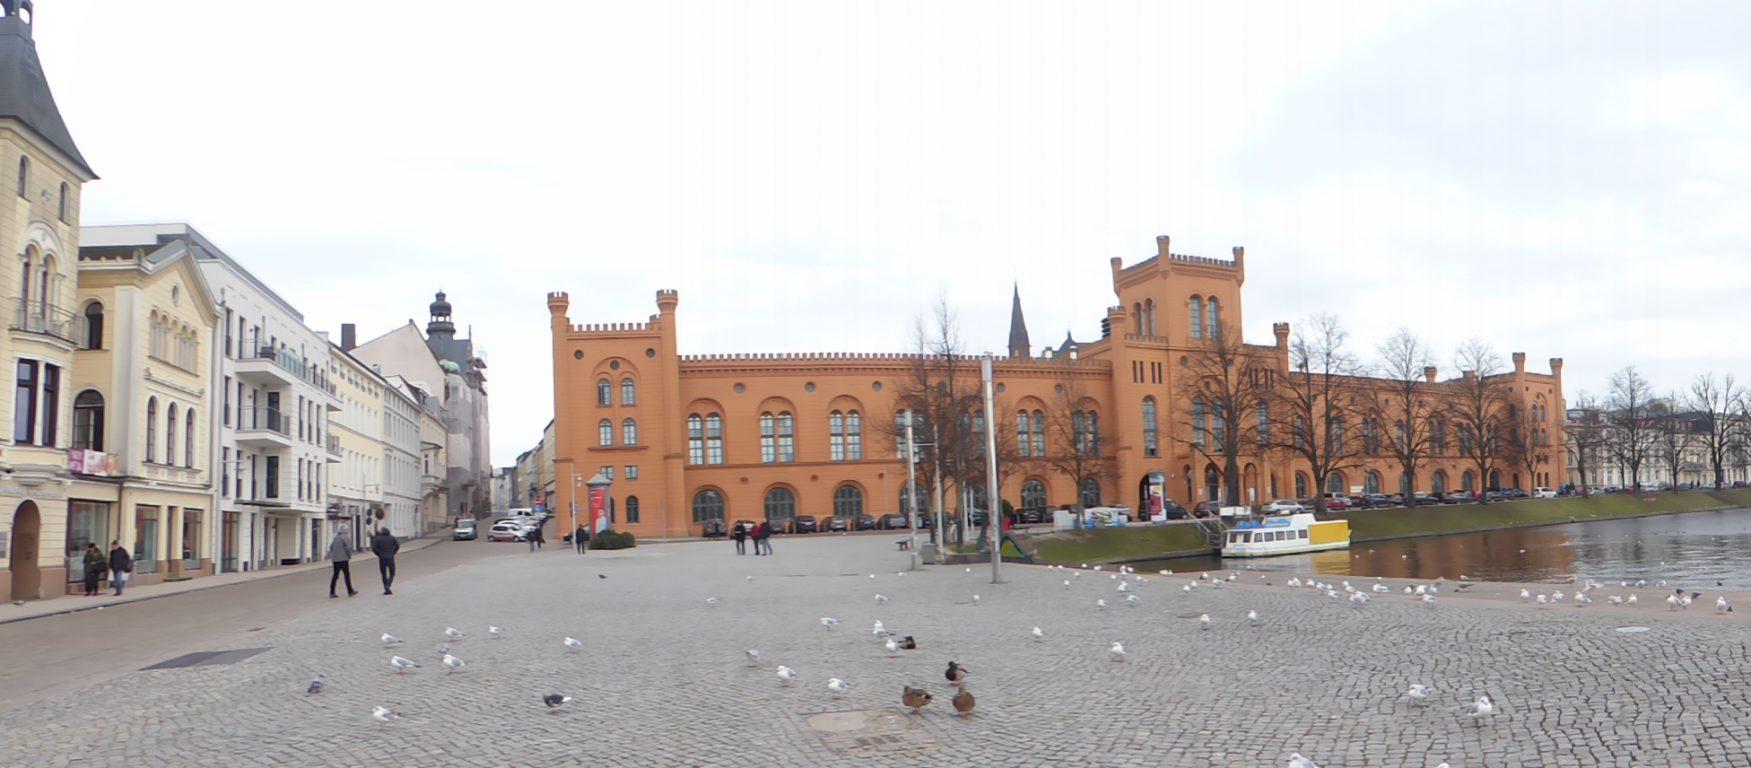 Das Arsenalgebäude am Pfaffenteich - Schwerins beschauliche »Binnenalster«, Foto: Weirauch